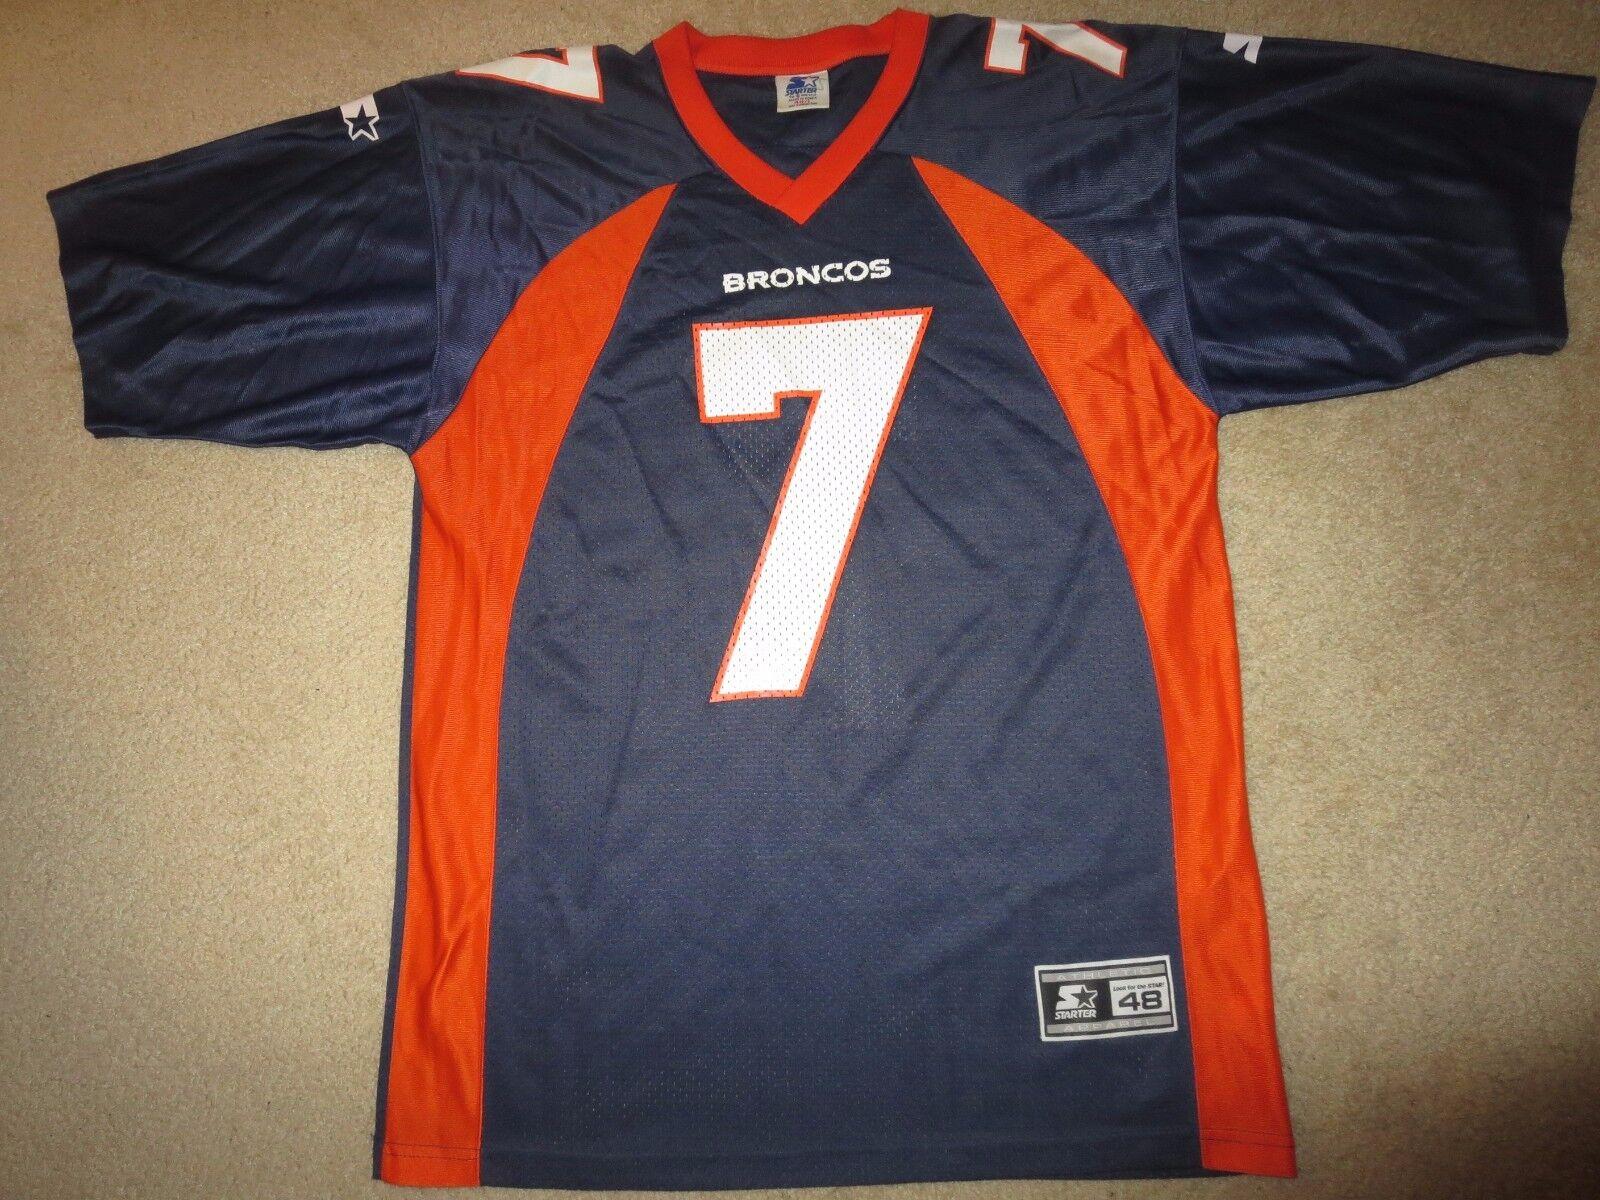 John Elway  7 Denver Broncos NFL Super Bowl Starter Trikot L  | Schnelle Lieferung